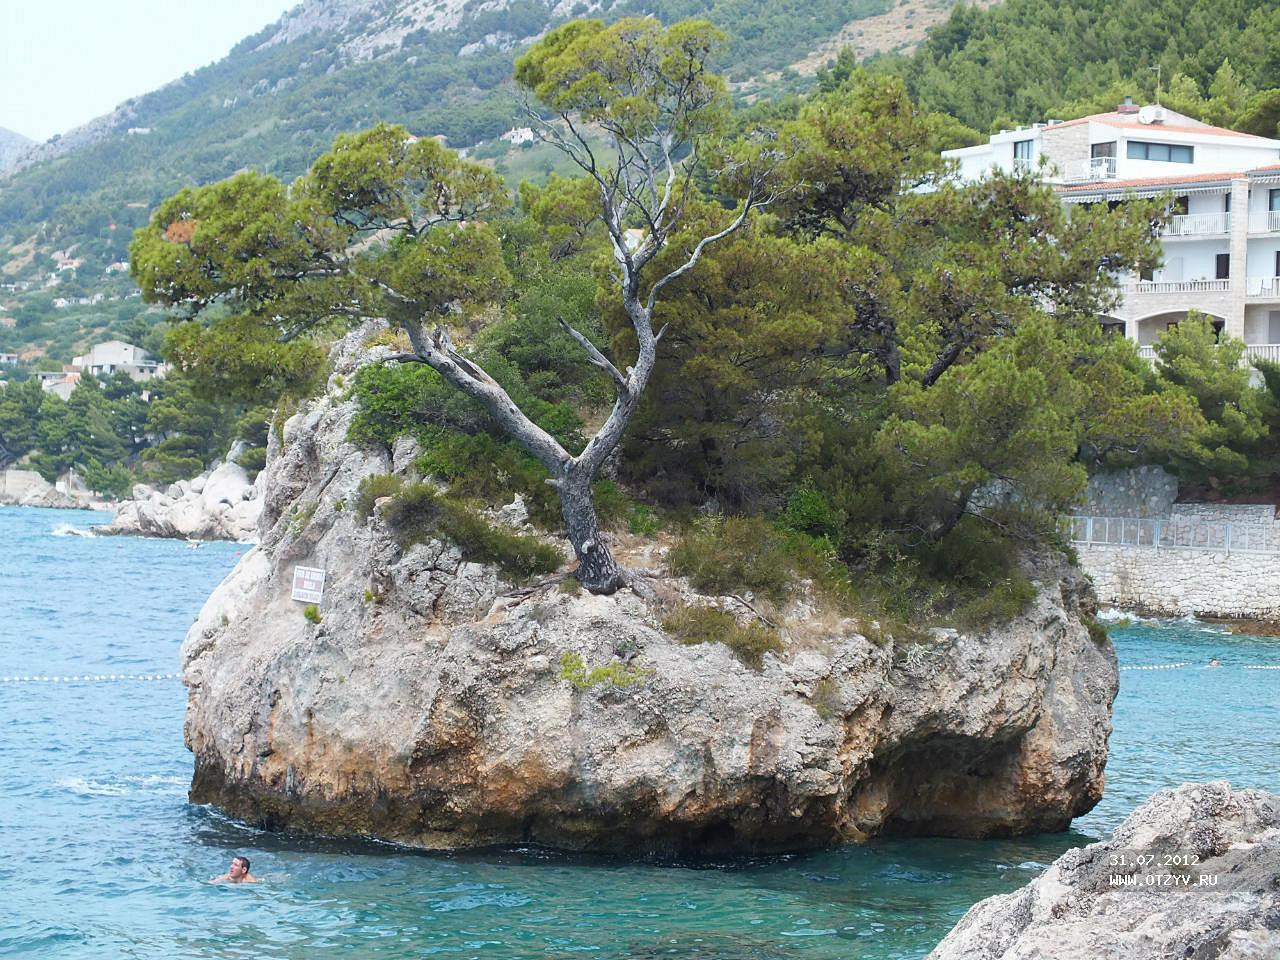 фото башка вода хорватия ведьма живет